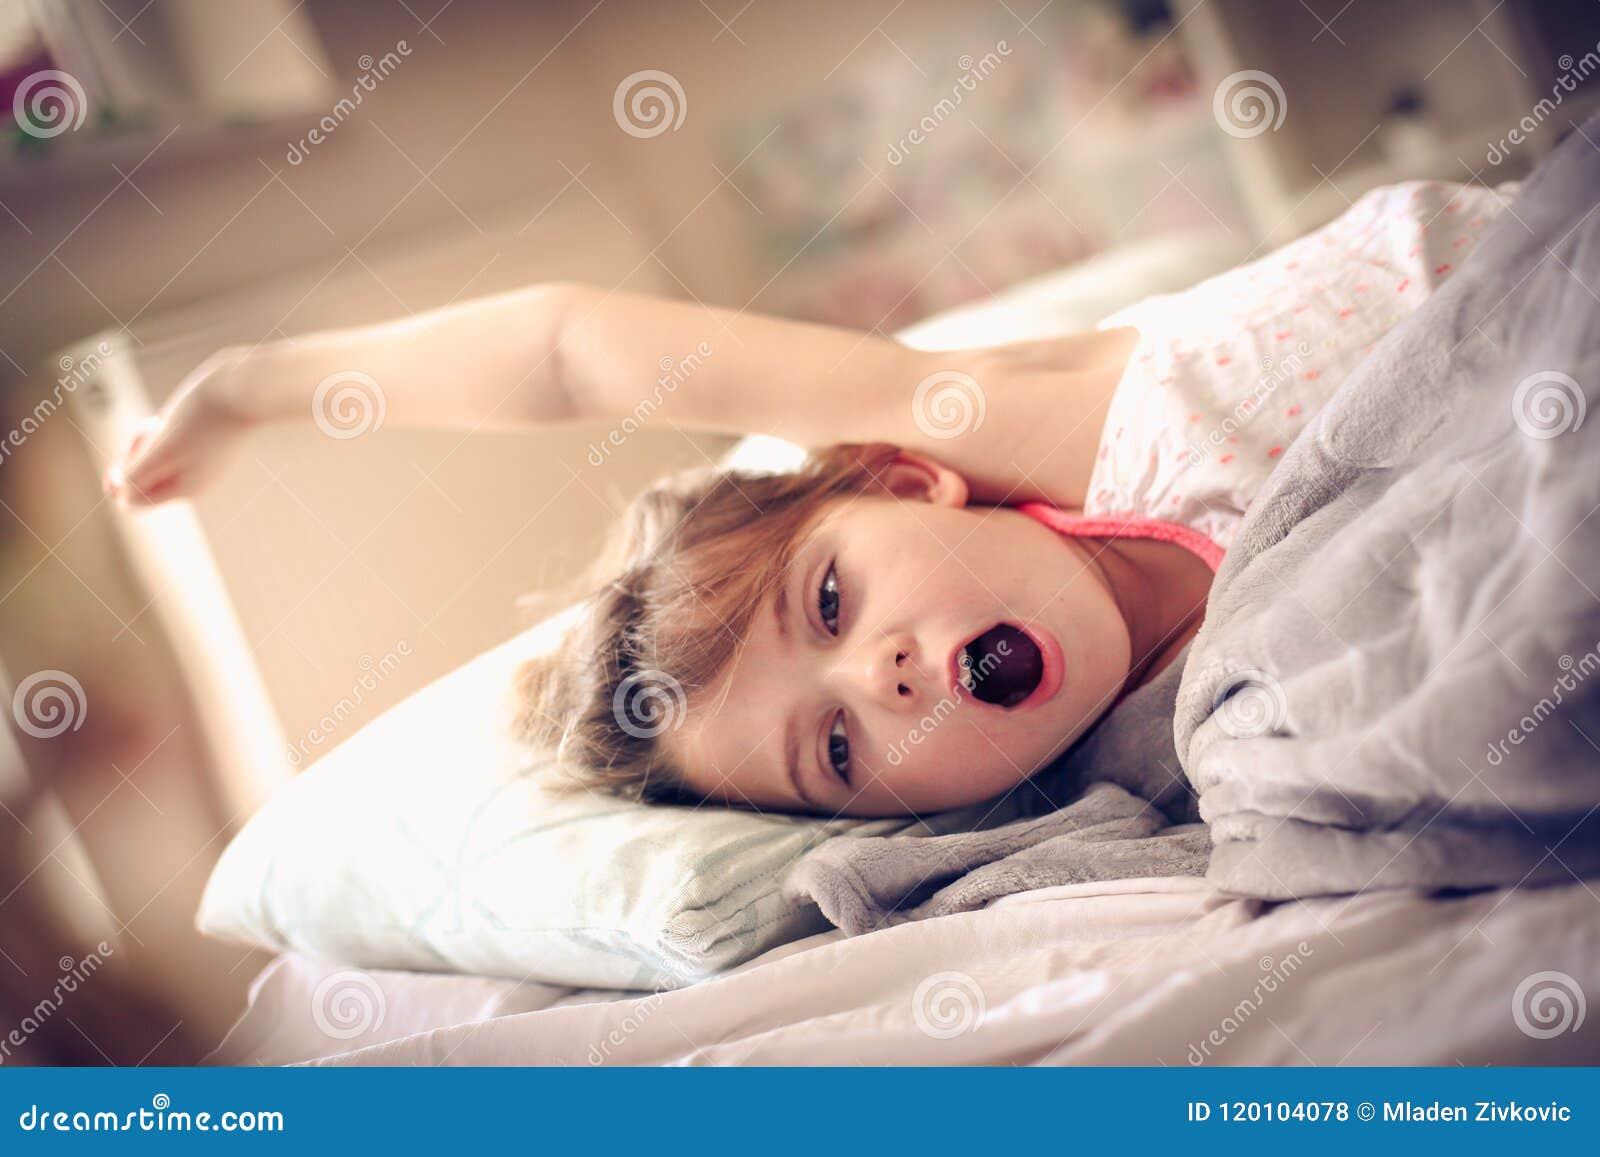 Aufwachen Kind im Bett